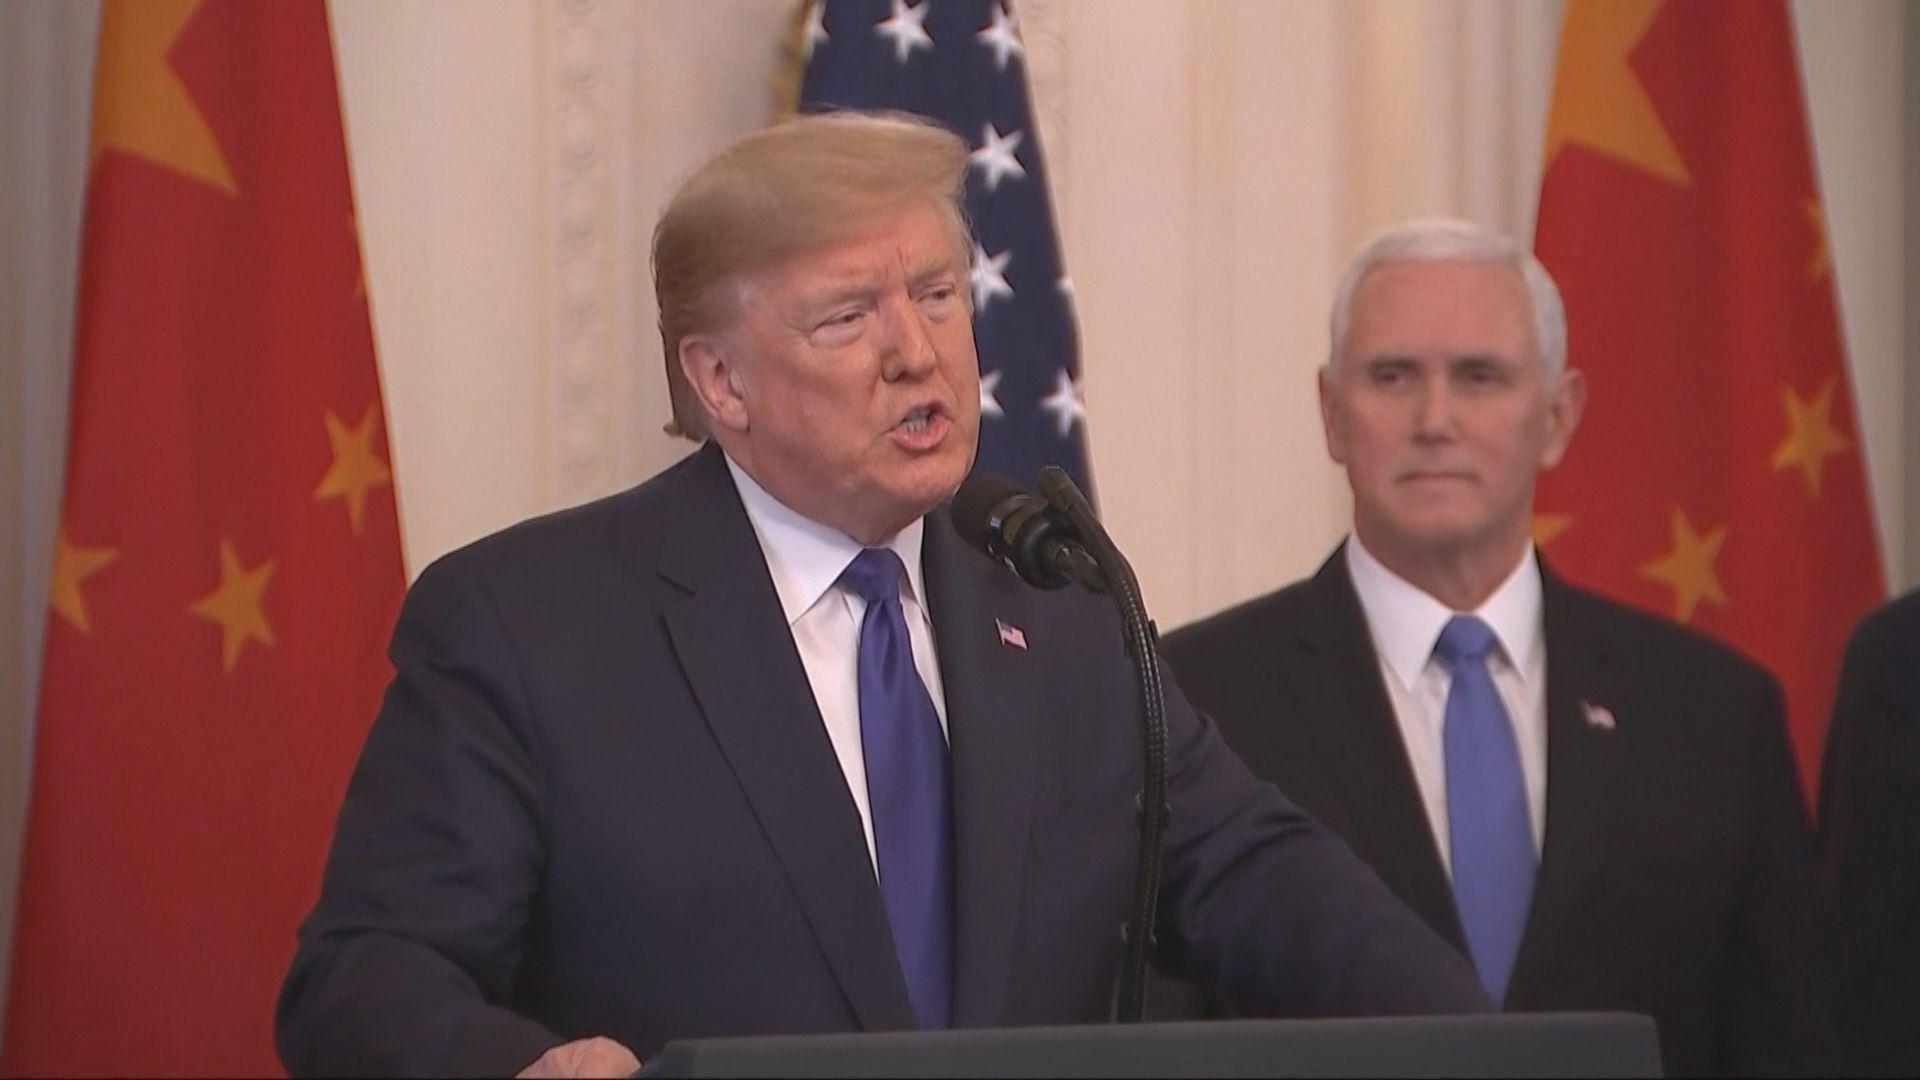 【簽署落實】特朗普:次階段傾掂數後取消所有對華關稅